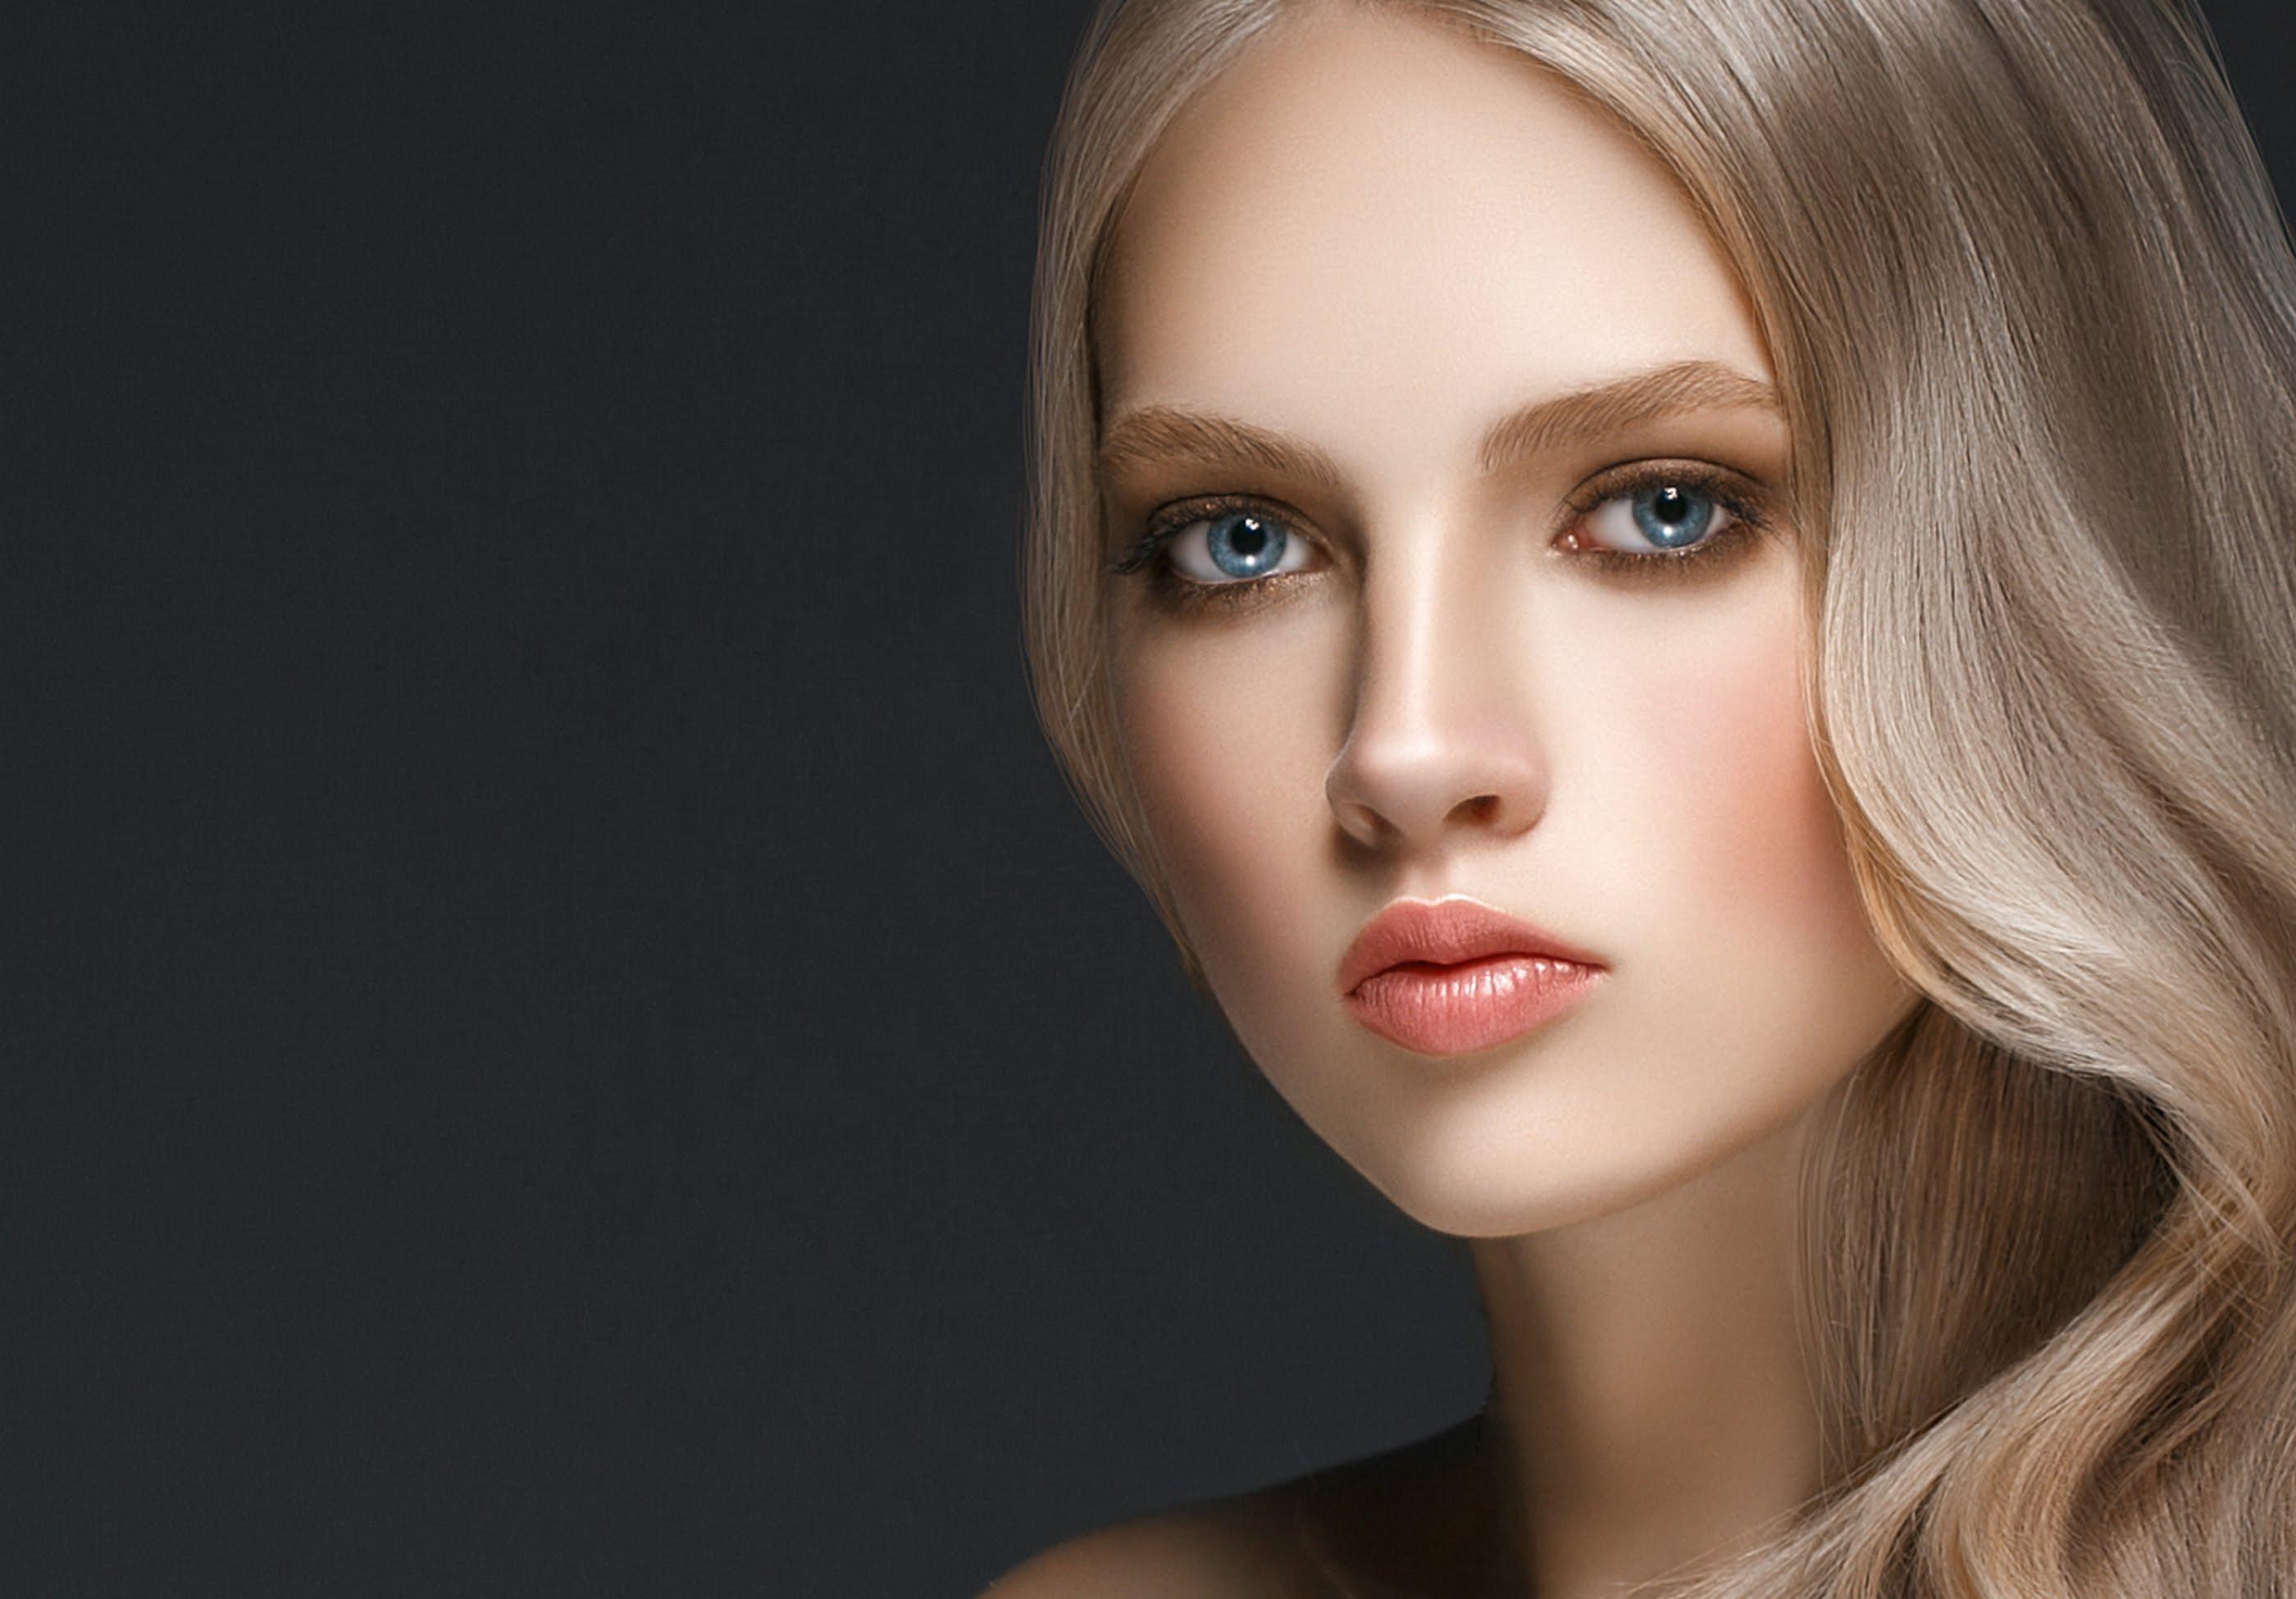 Hair Trends in Korea Vs America